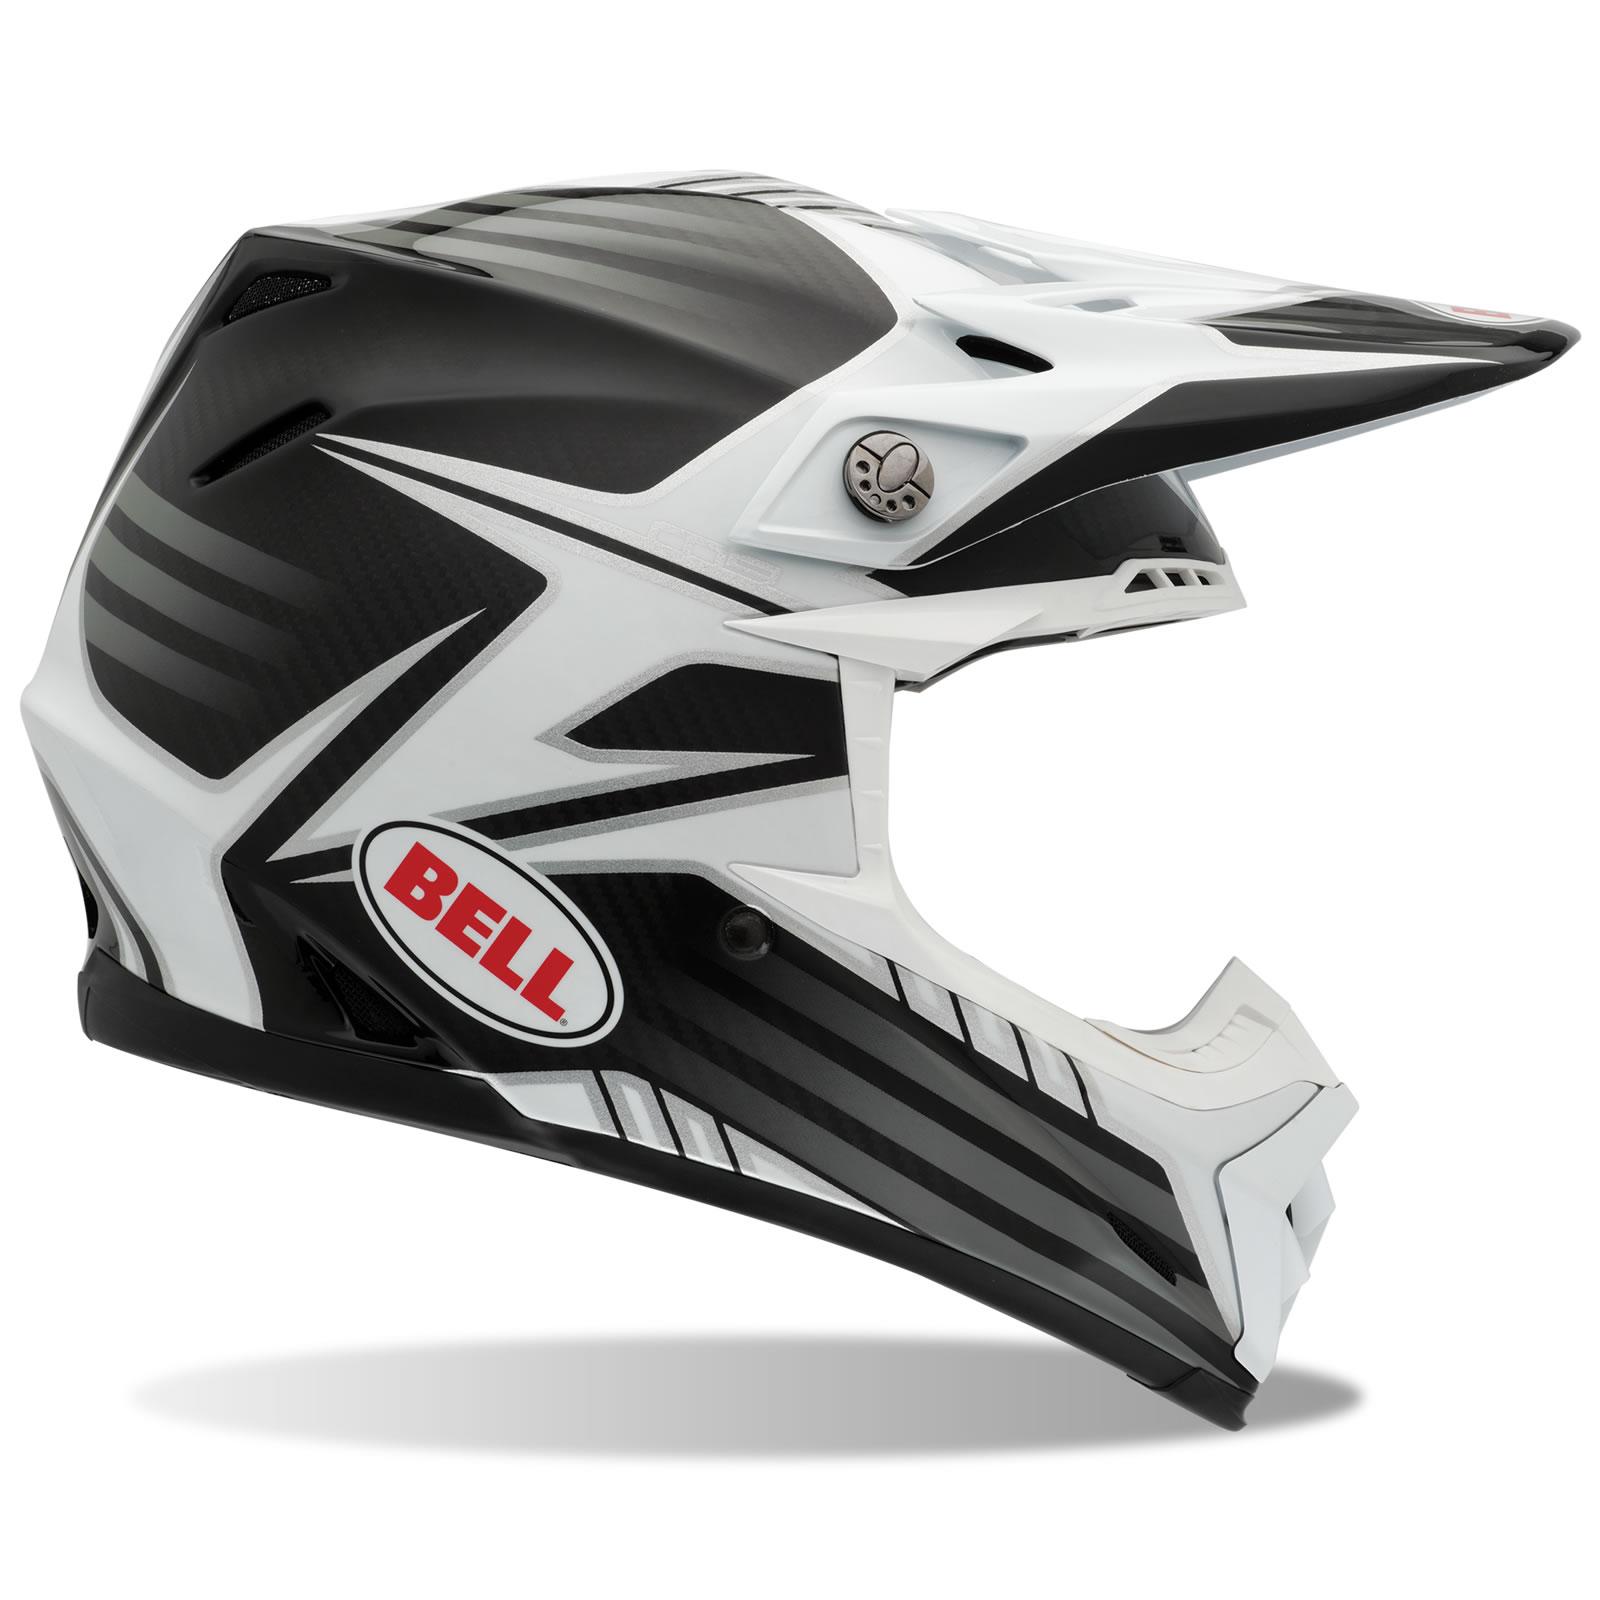 Bell Moto 9 Flex Helmet >> Bell Moto-9 Carbon Fibre Pinned White Black Motocross Helmet Quad MX Off Road | eBay